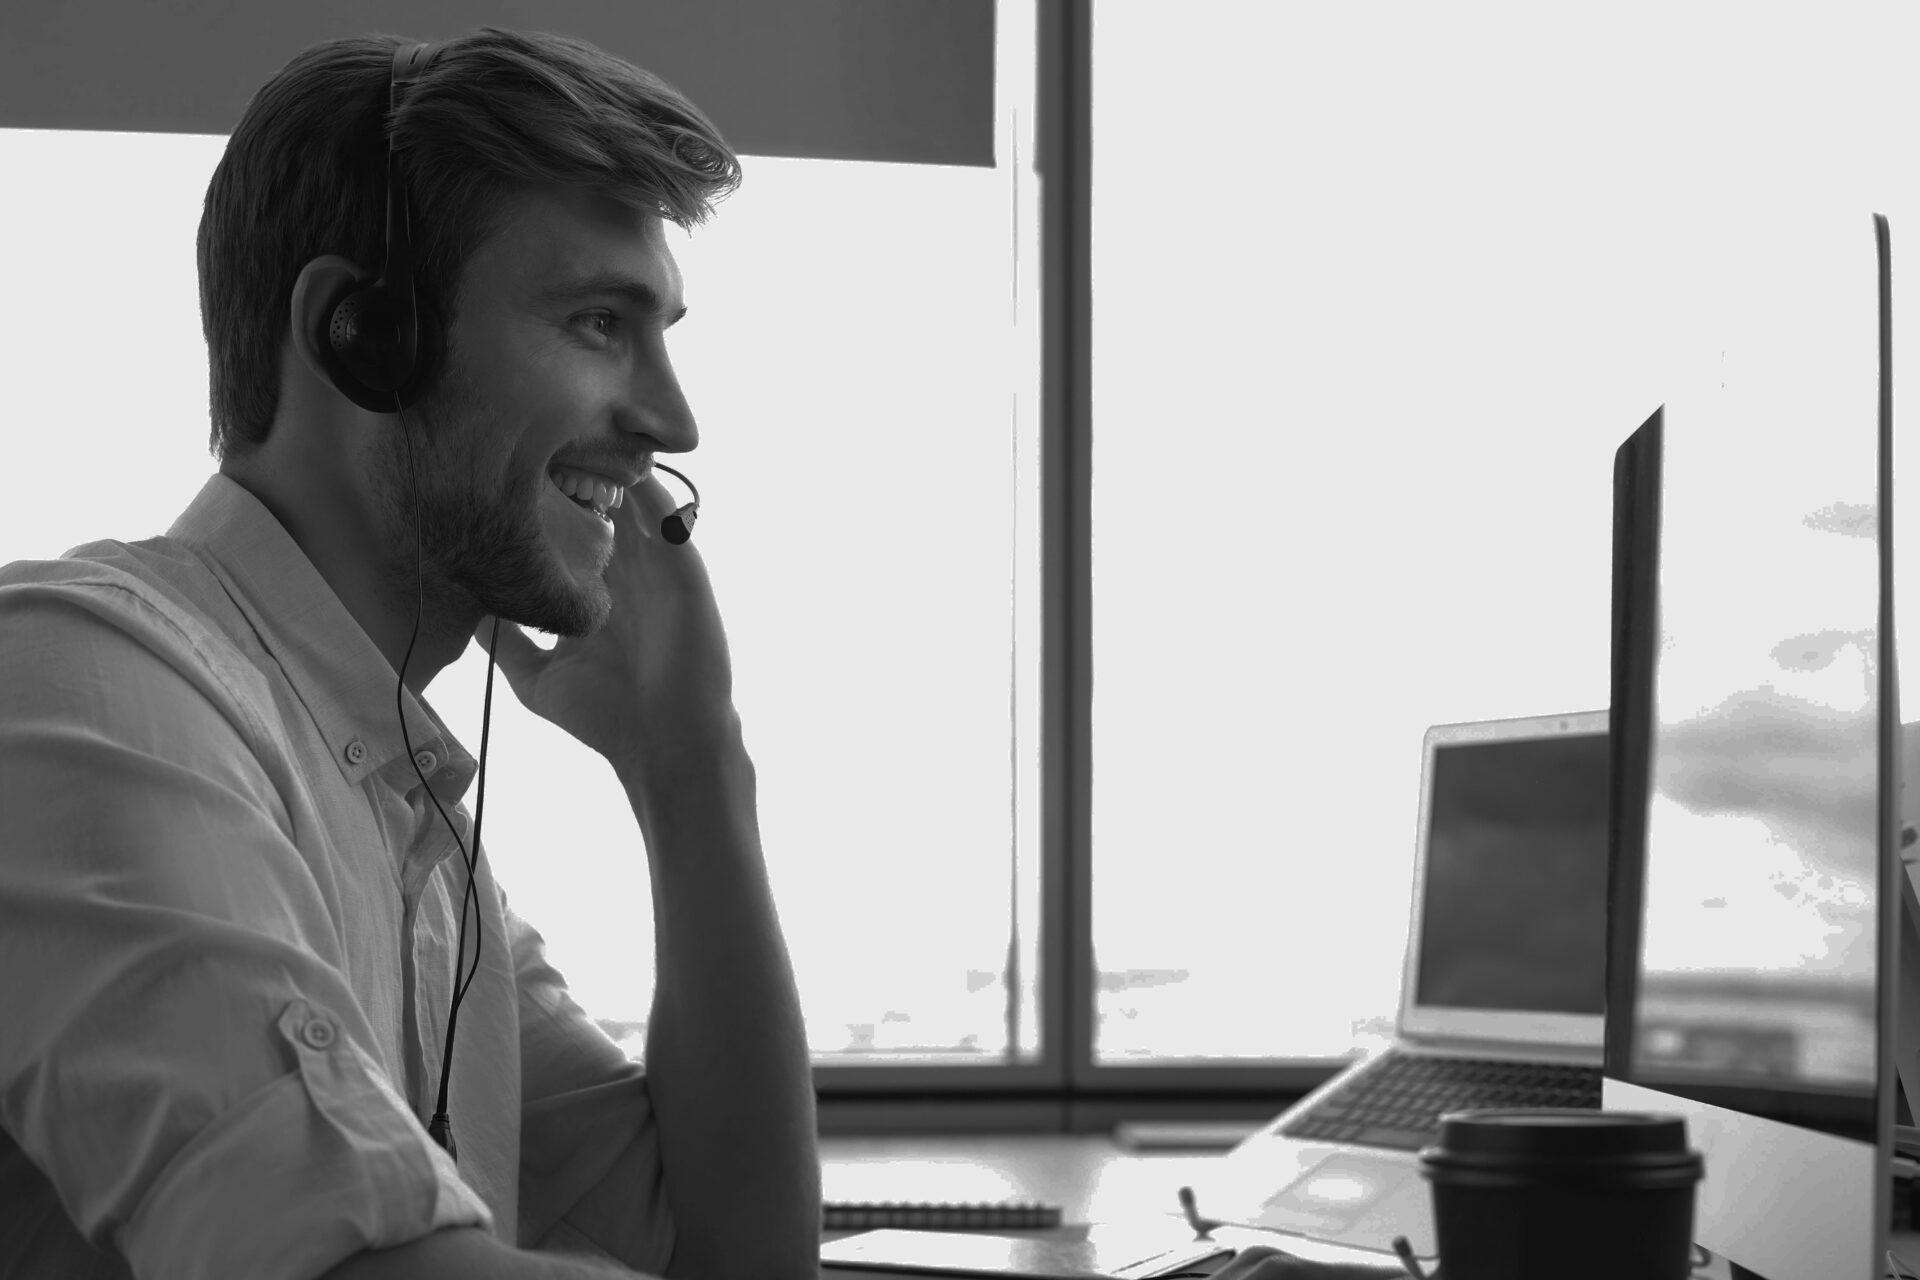 homme souriant au travail avec un casque téléphonique professionnel passant des appels